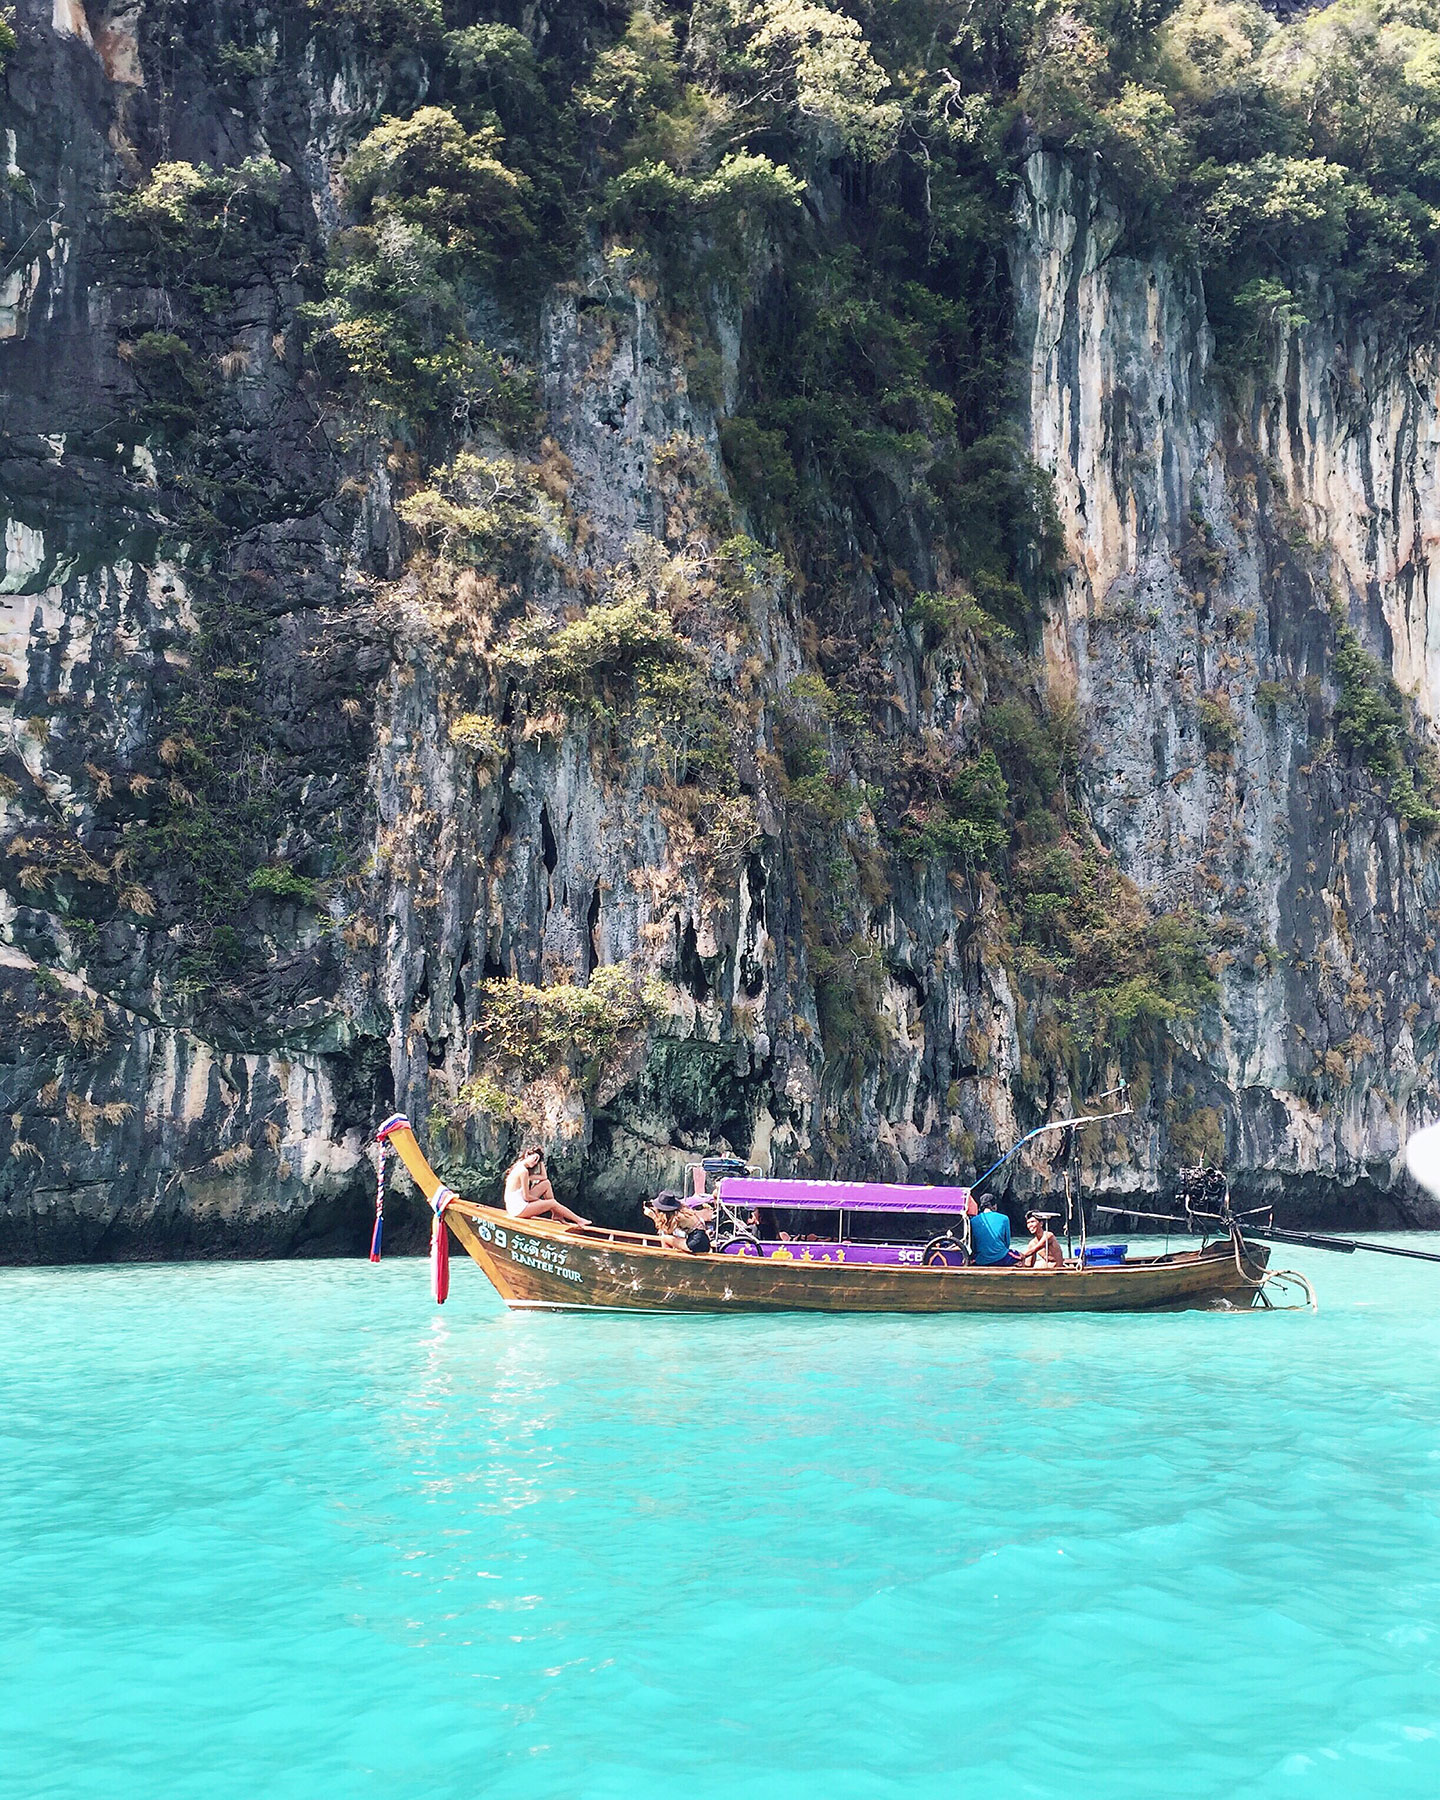 The beautiful aquamarine waters of Ko Phi Phi (Phi Phi Islands)